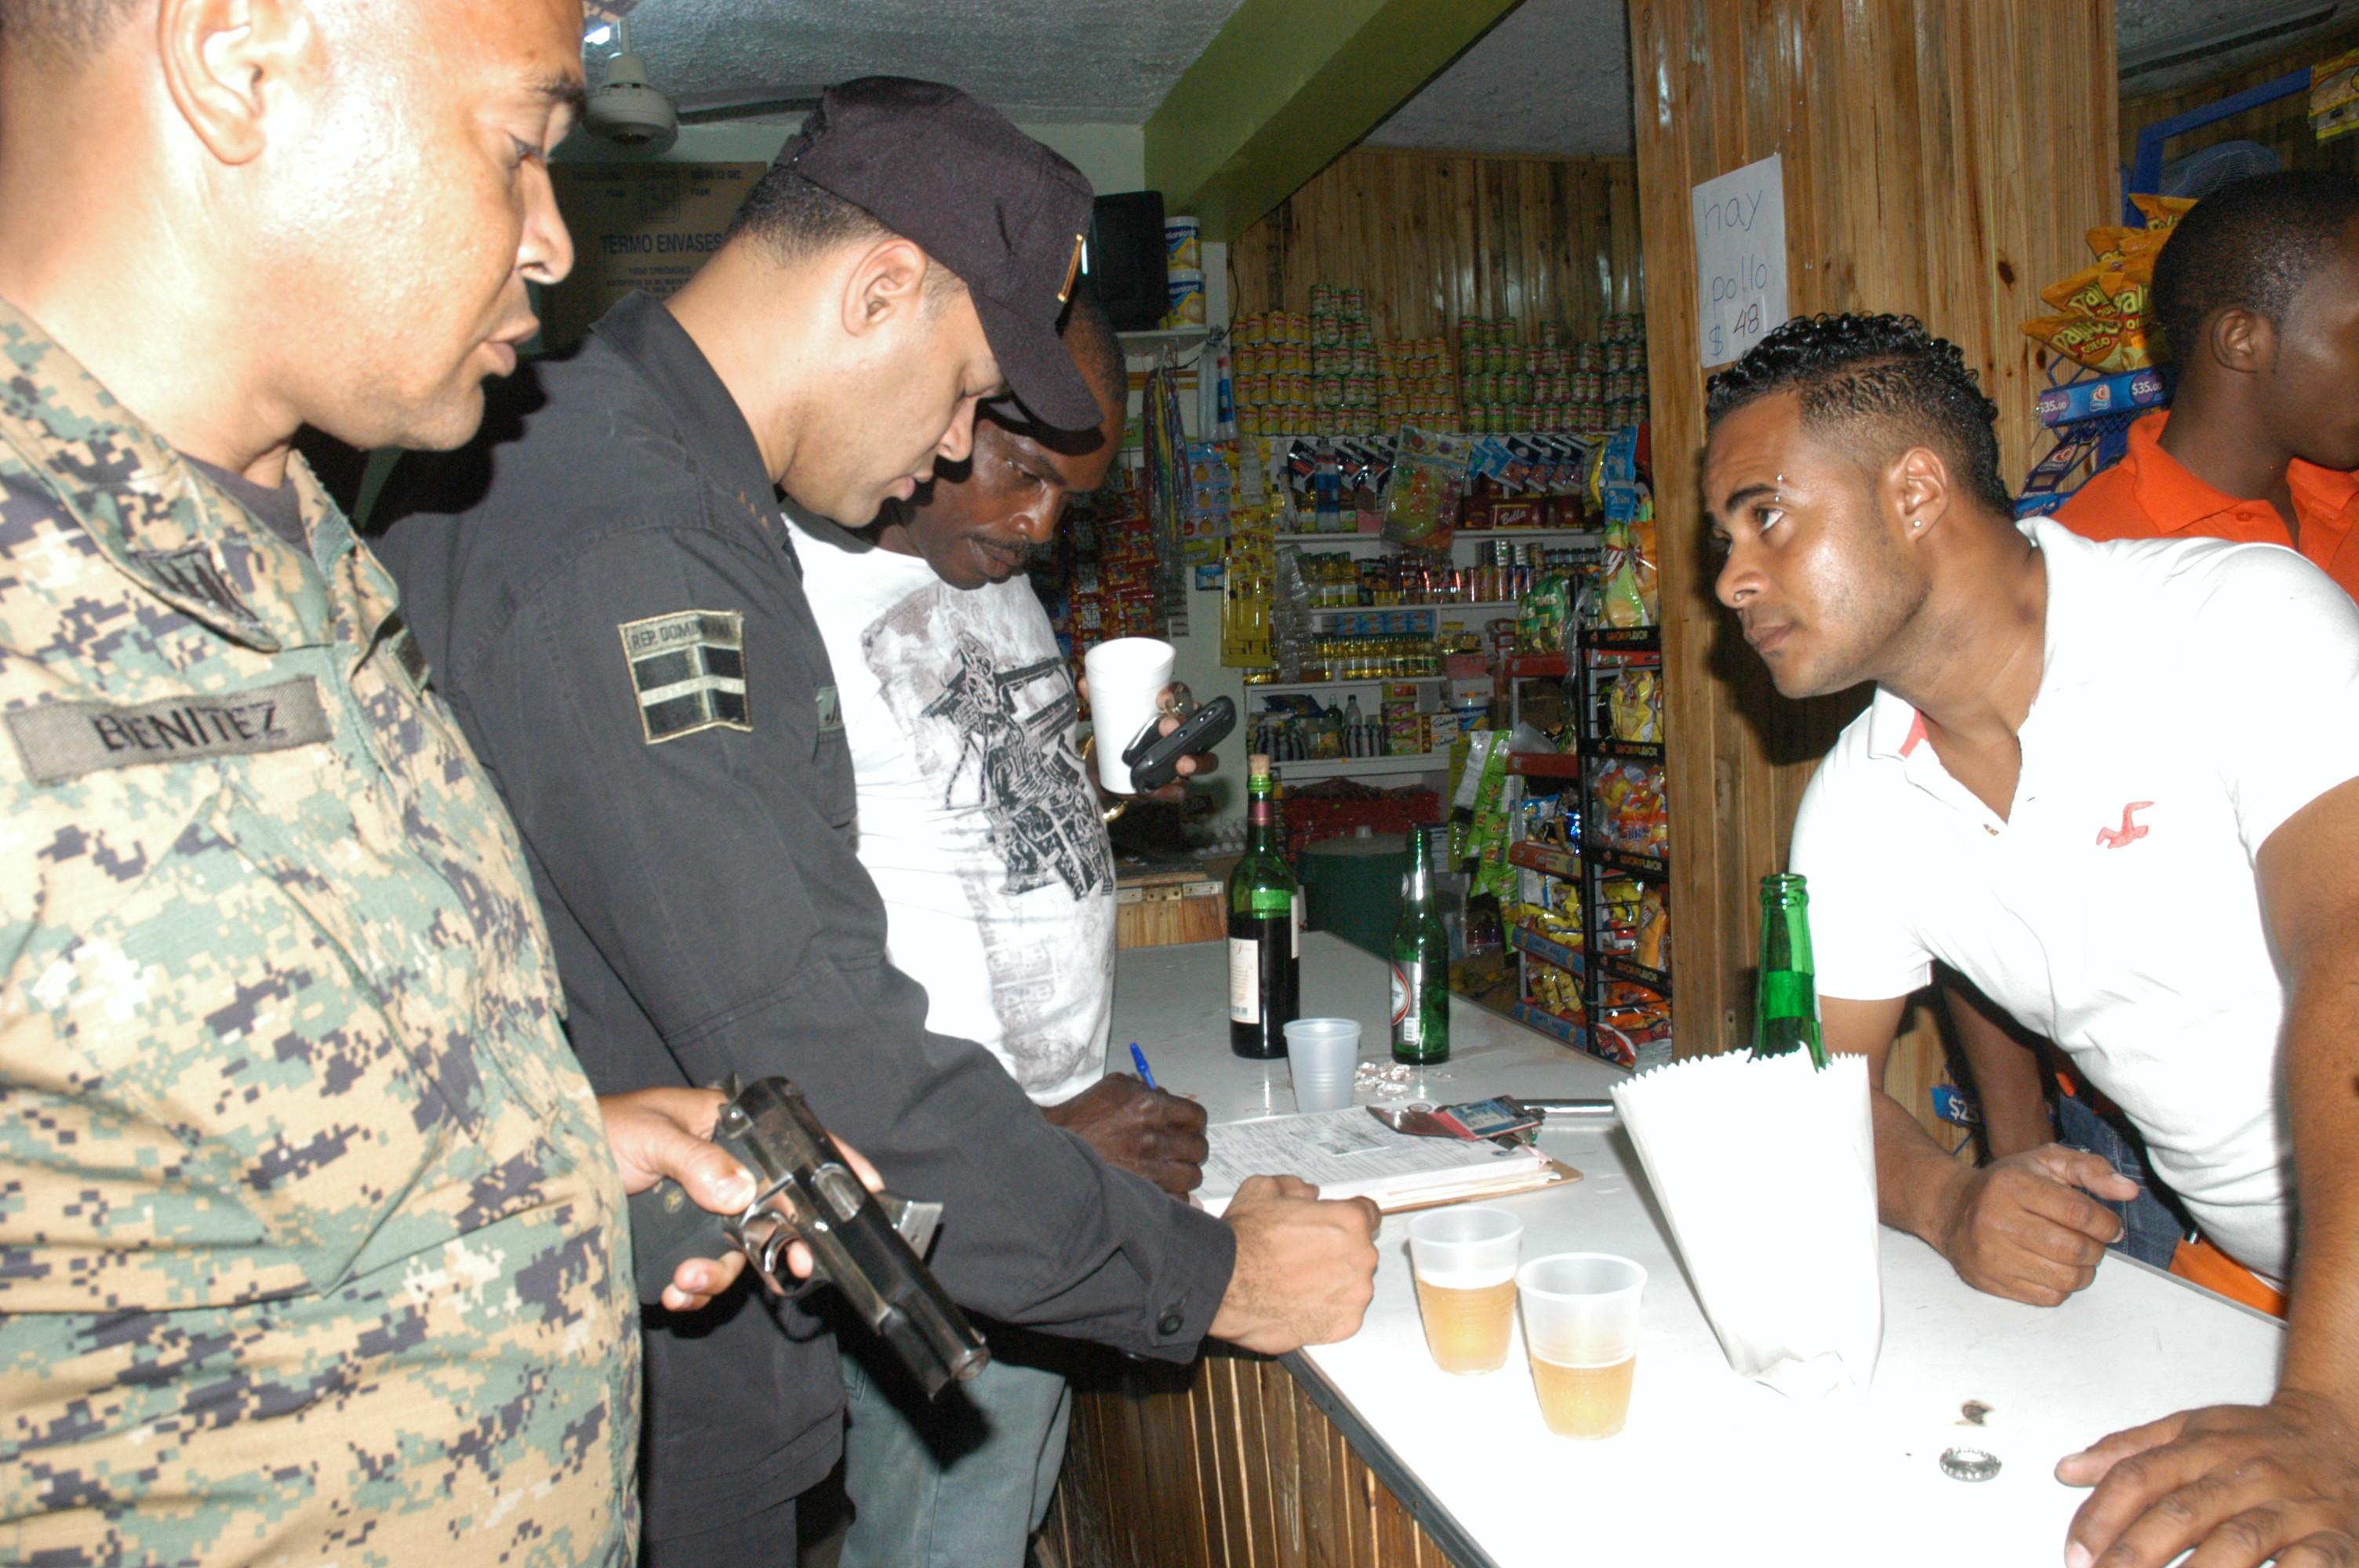 Se incautan 14 armas de fuego y notifican 16 negocios en San Cristóbal